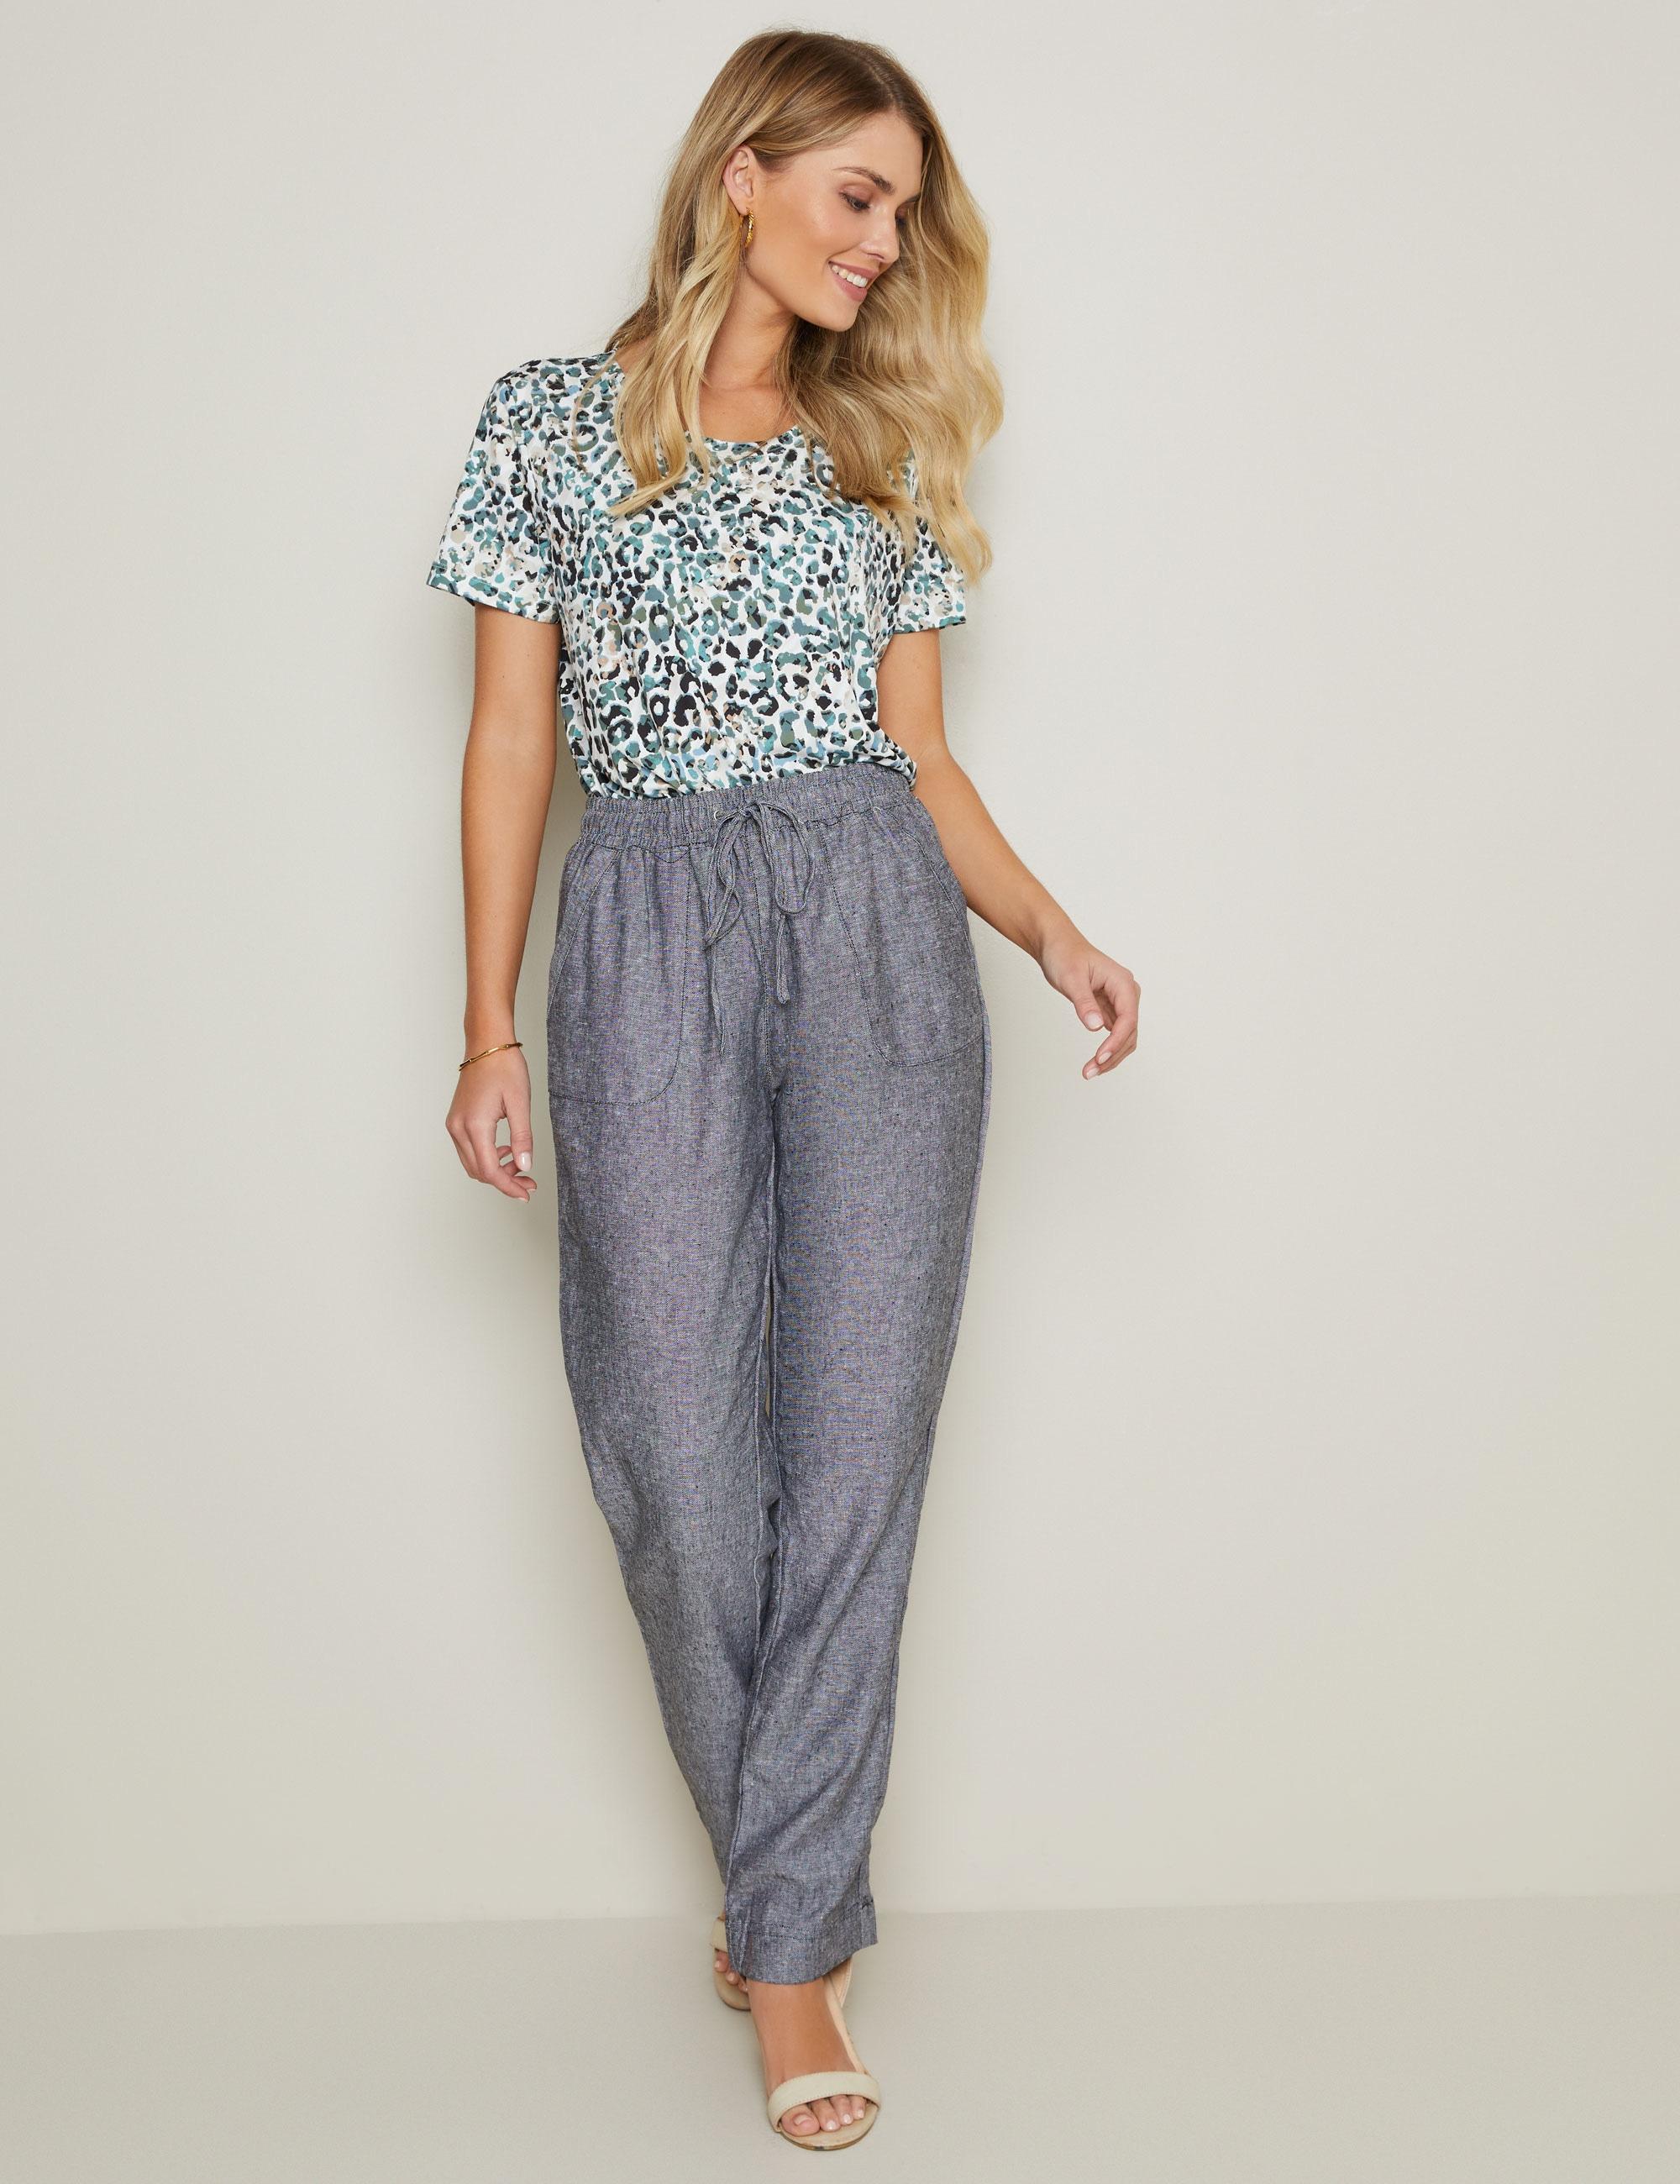 W.lane Linen Full Length Pant - White - 14